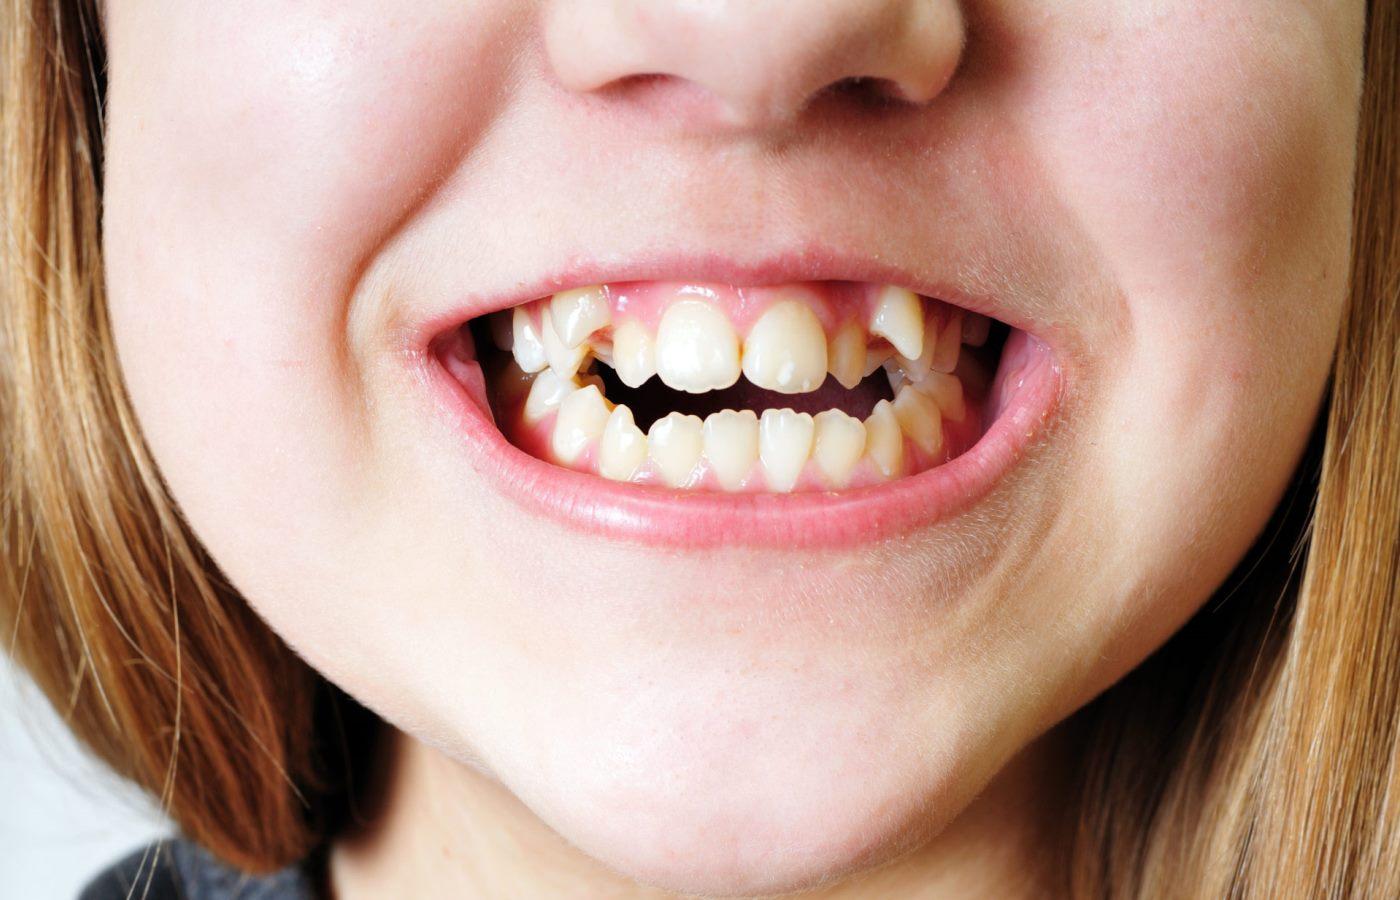 دندان اضافه در کودکان چه علتی دارد